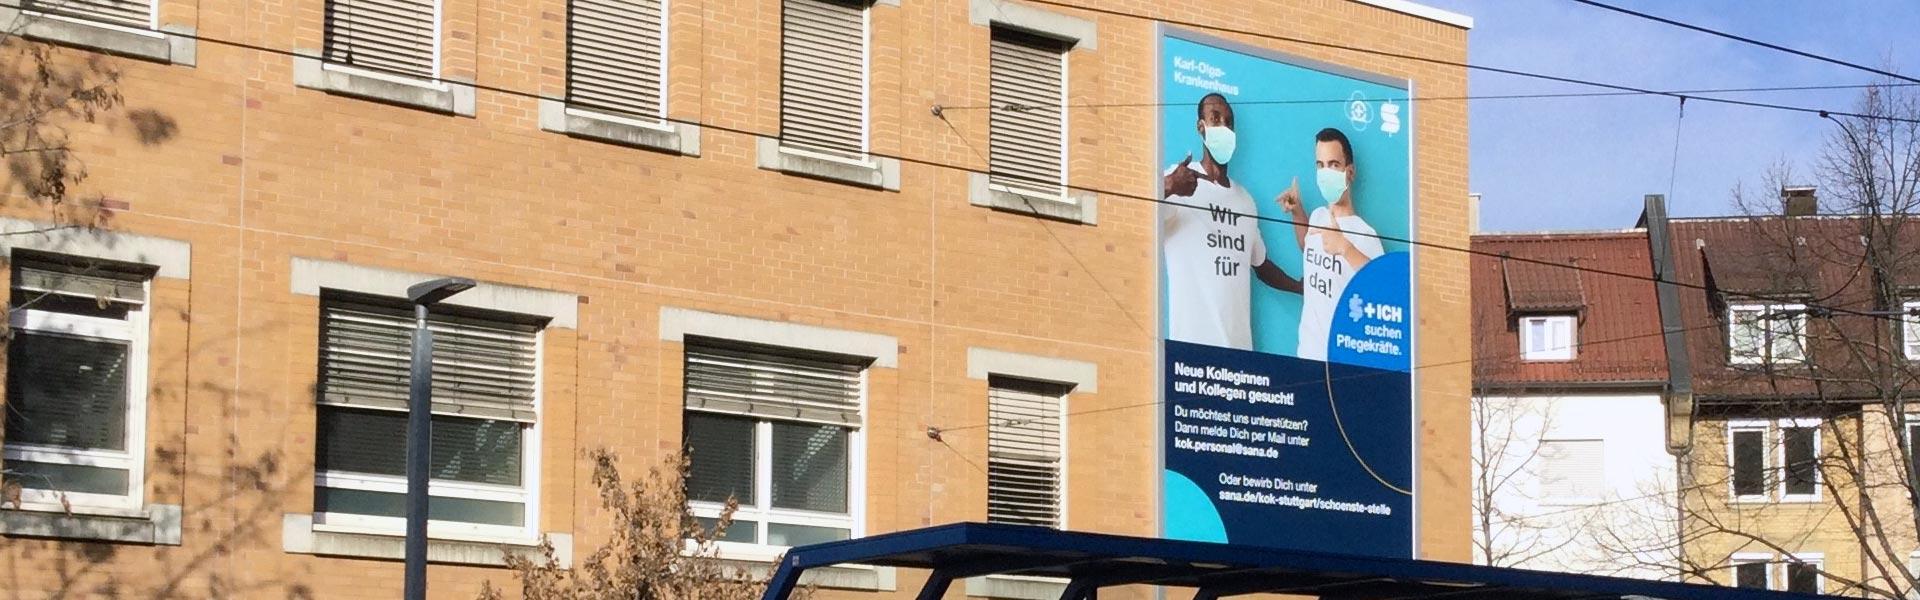 werbeanlage stuttgart: Neue Fassadenwerbung für das Karl-Olga-Krankenhaus mit dem Werbelifter+